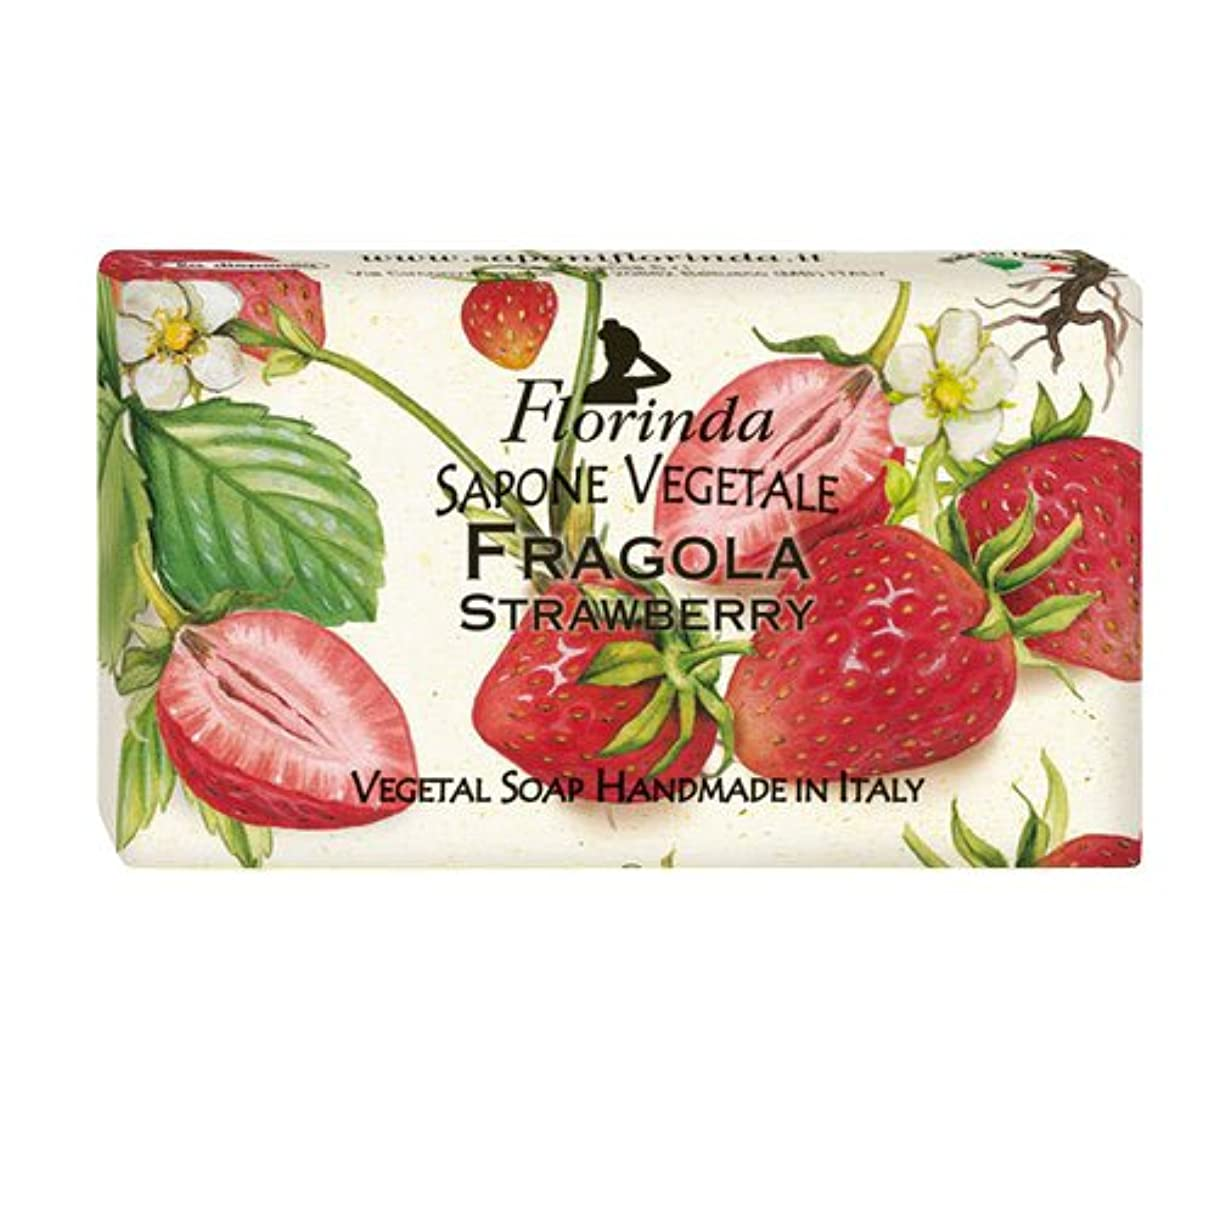 租界パイプ消費フロリンダ フレグランスソープ フルーツ ストロベリー 95g